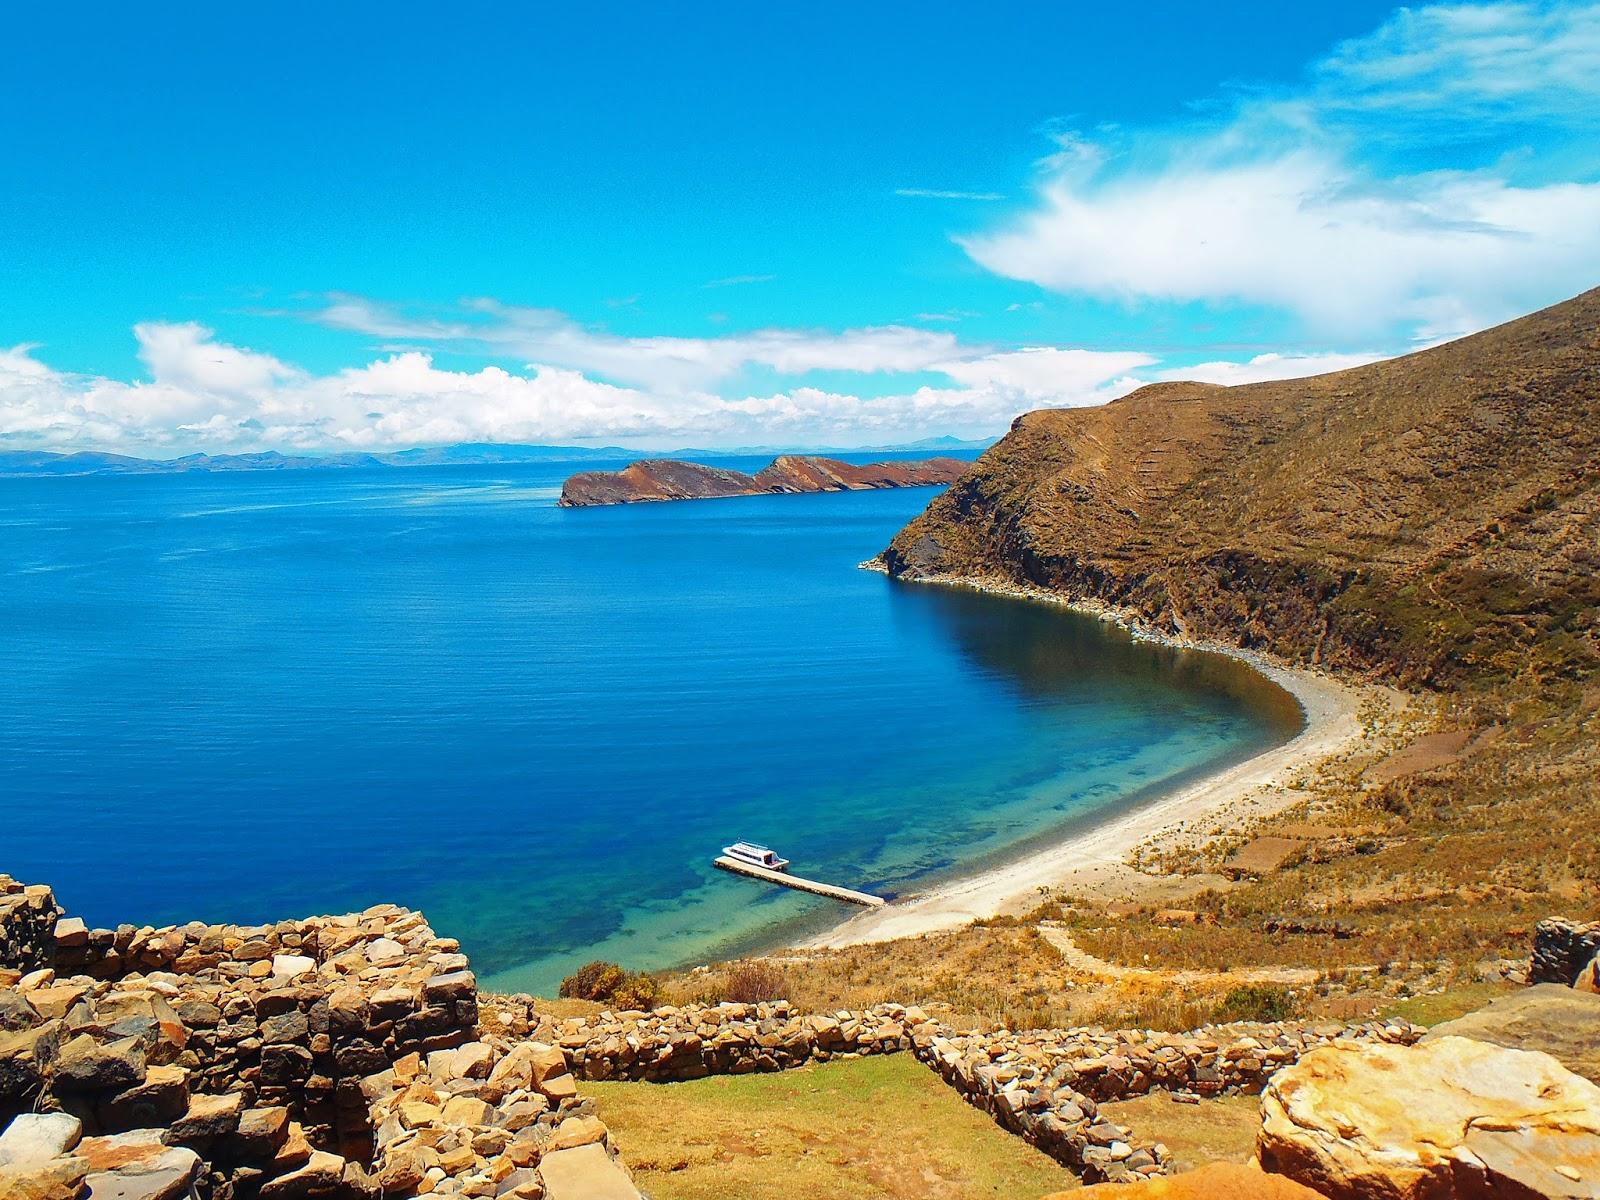 Hiking Lake Titicaca's Isla del Sol